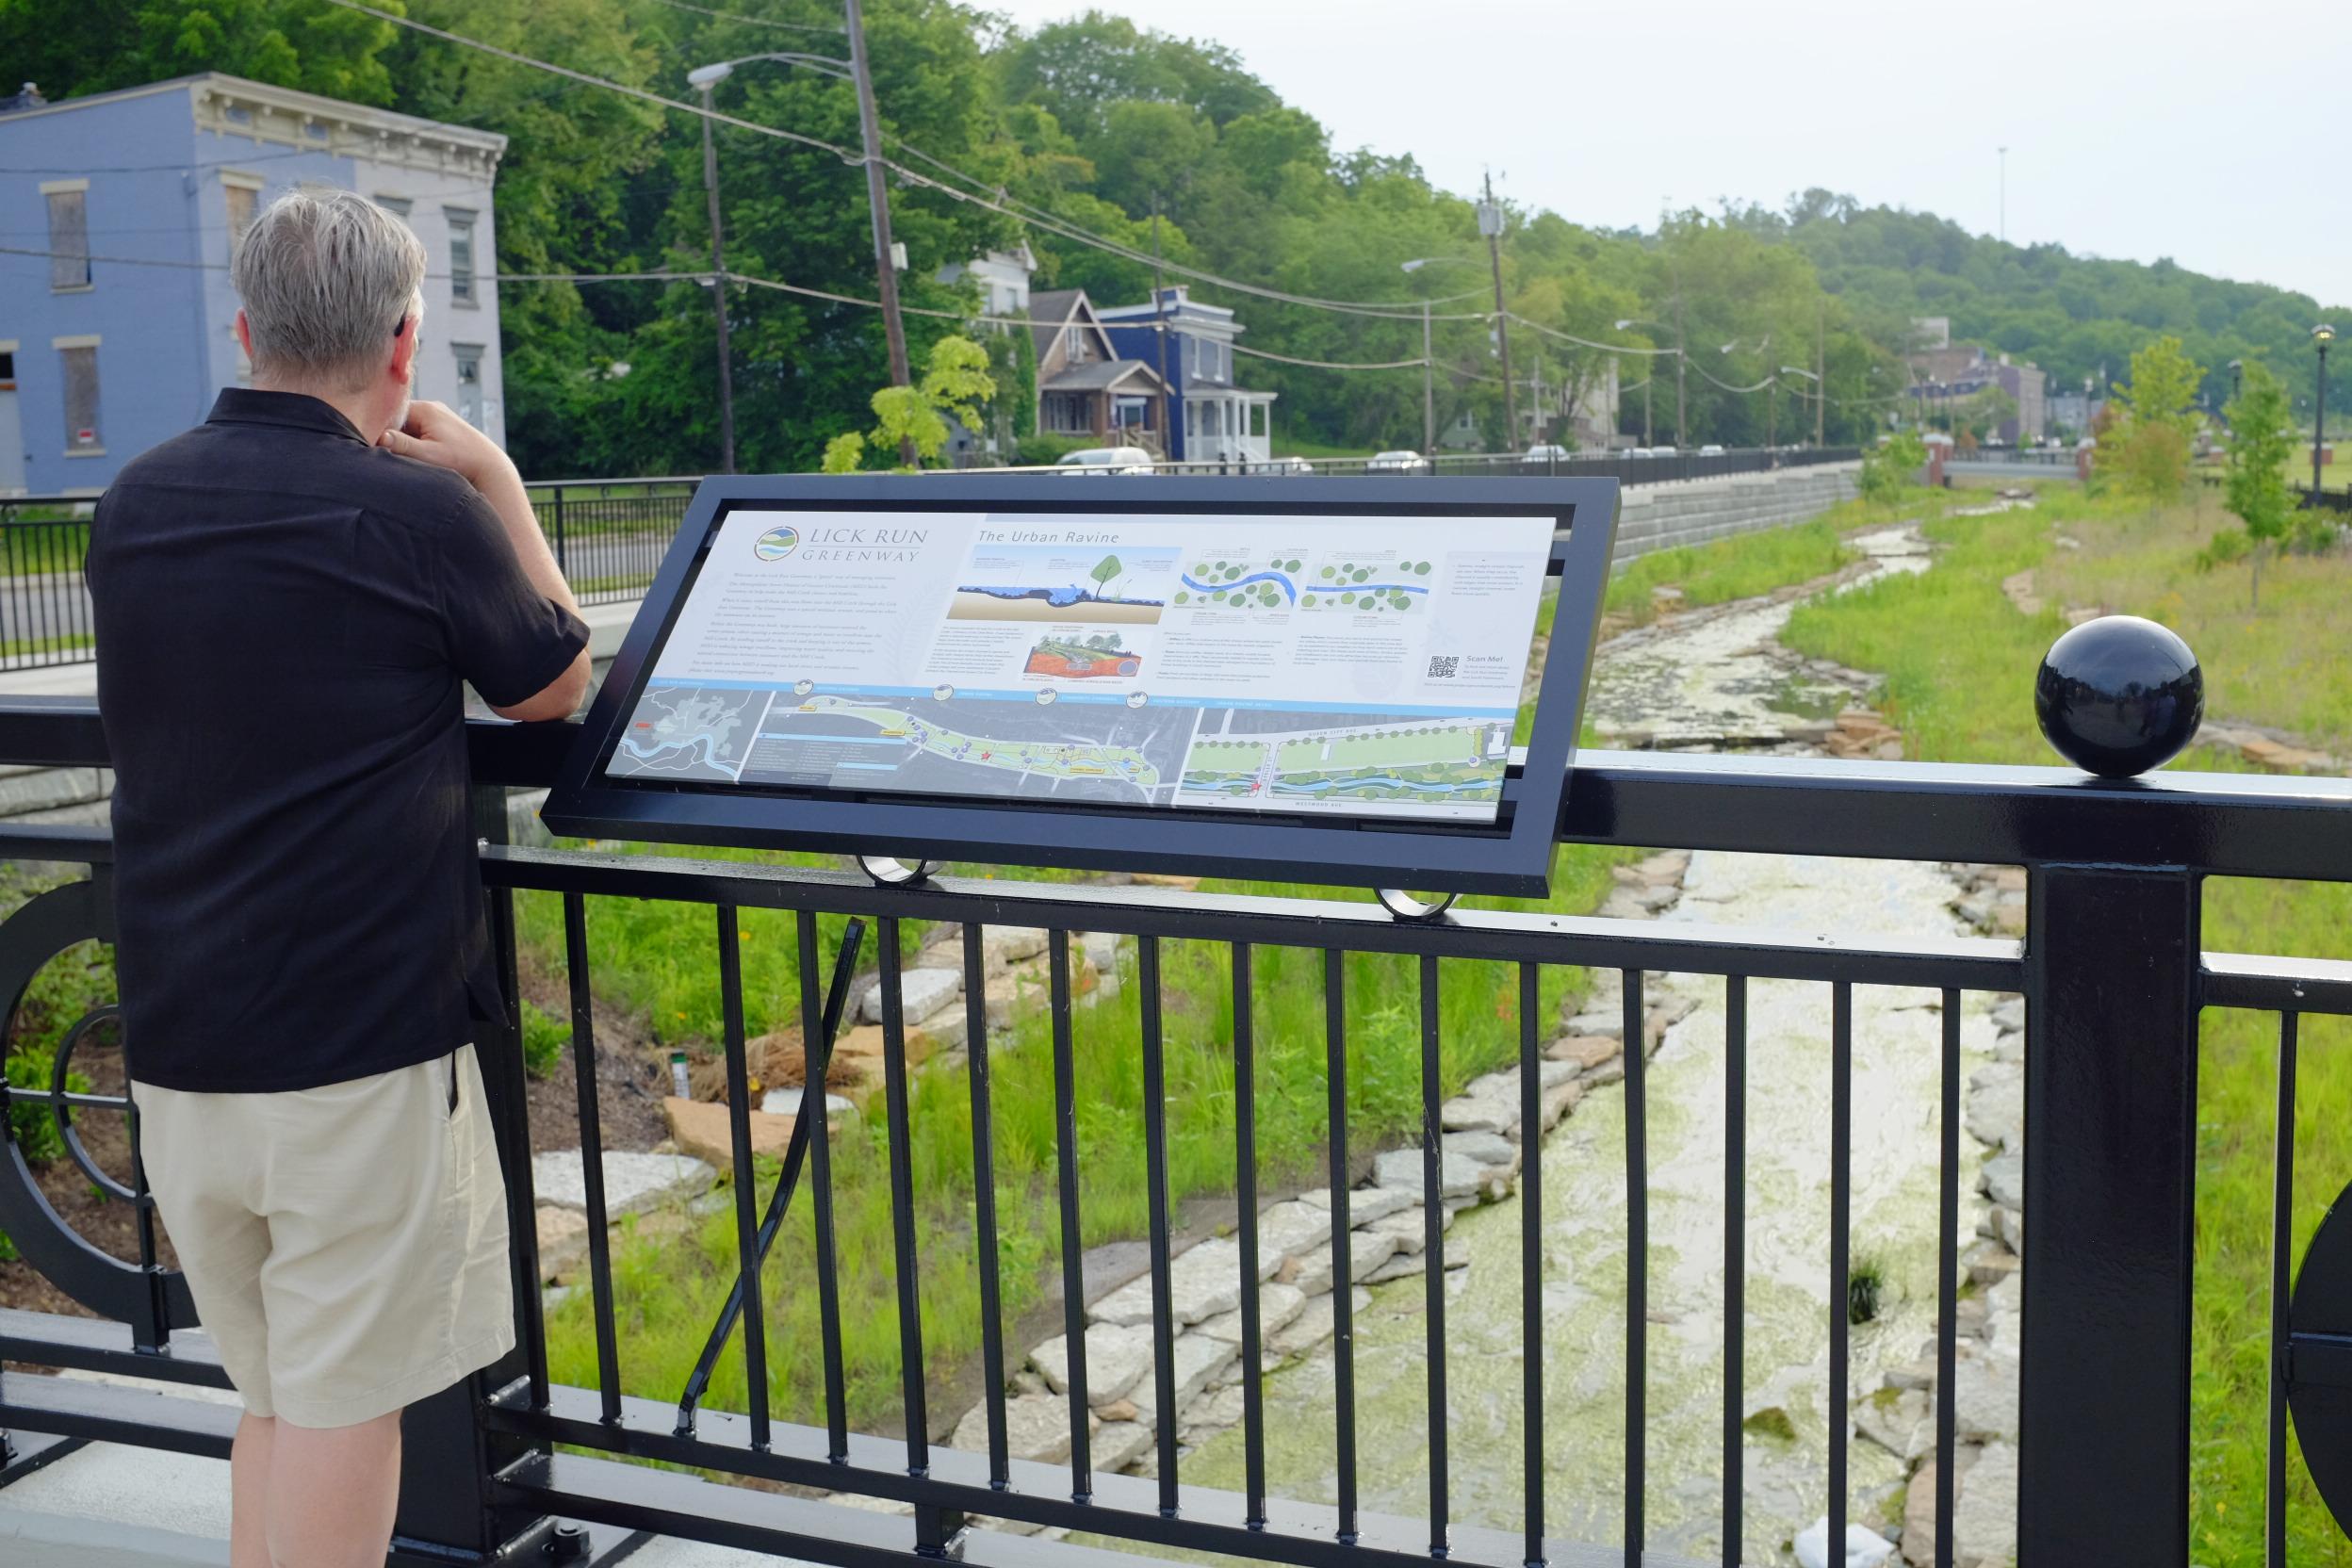 Man viewing an interpretive panel overlooking a stream.